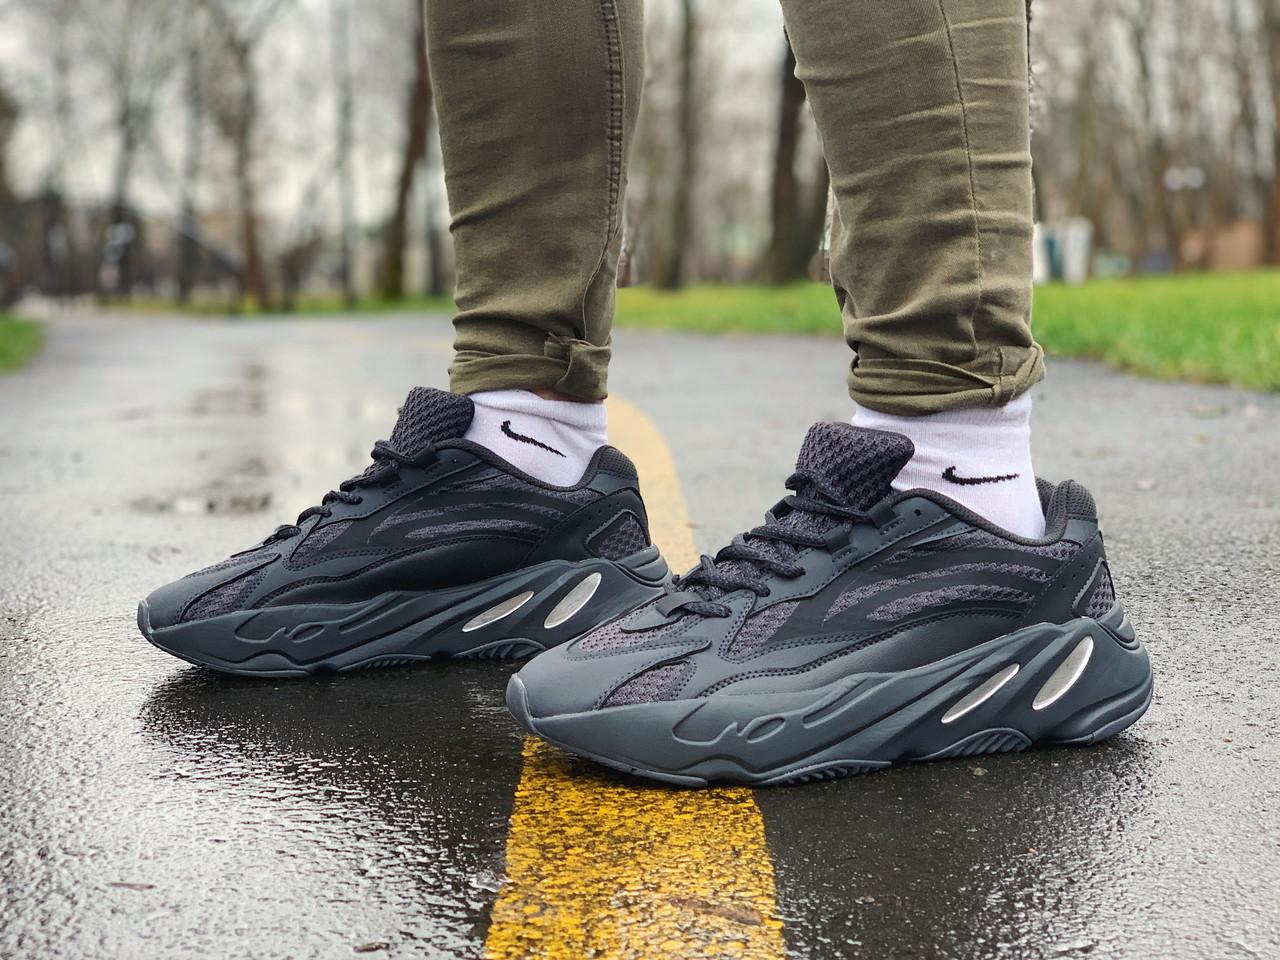 Кроссовки натуральная кожа Adidas Yeezy Boost 700 V2 Адидас Изи Буст (40,41,42,43,44,45)